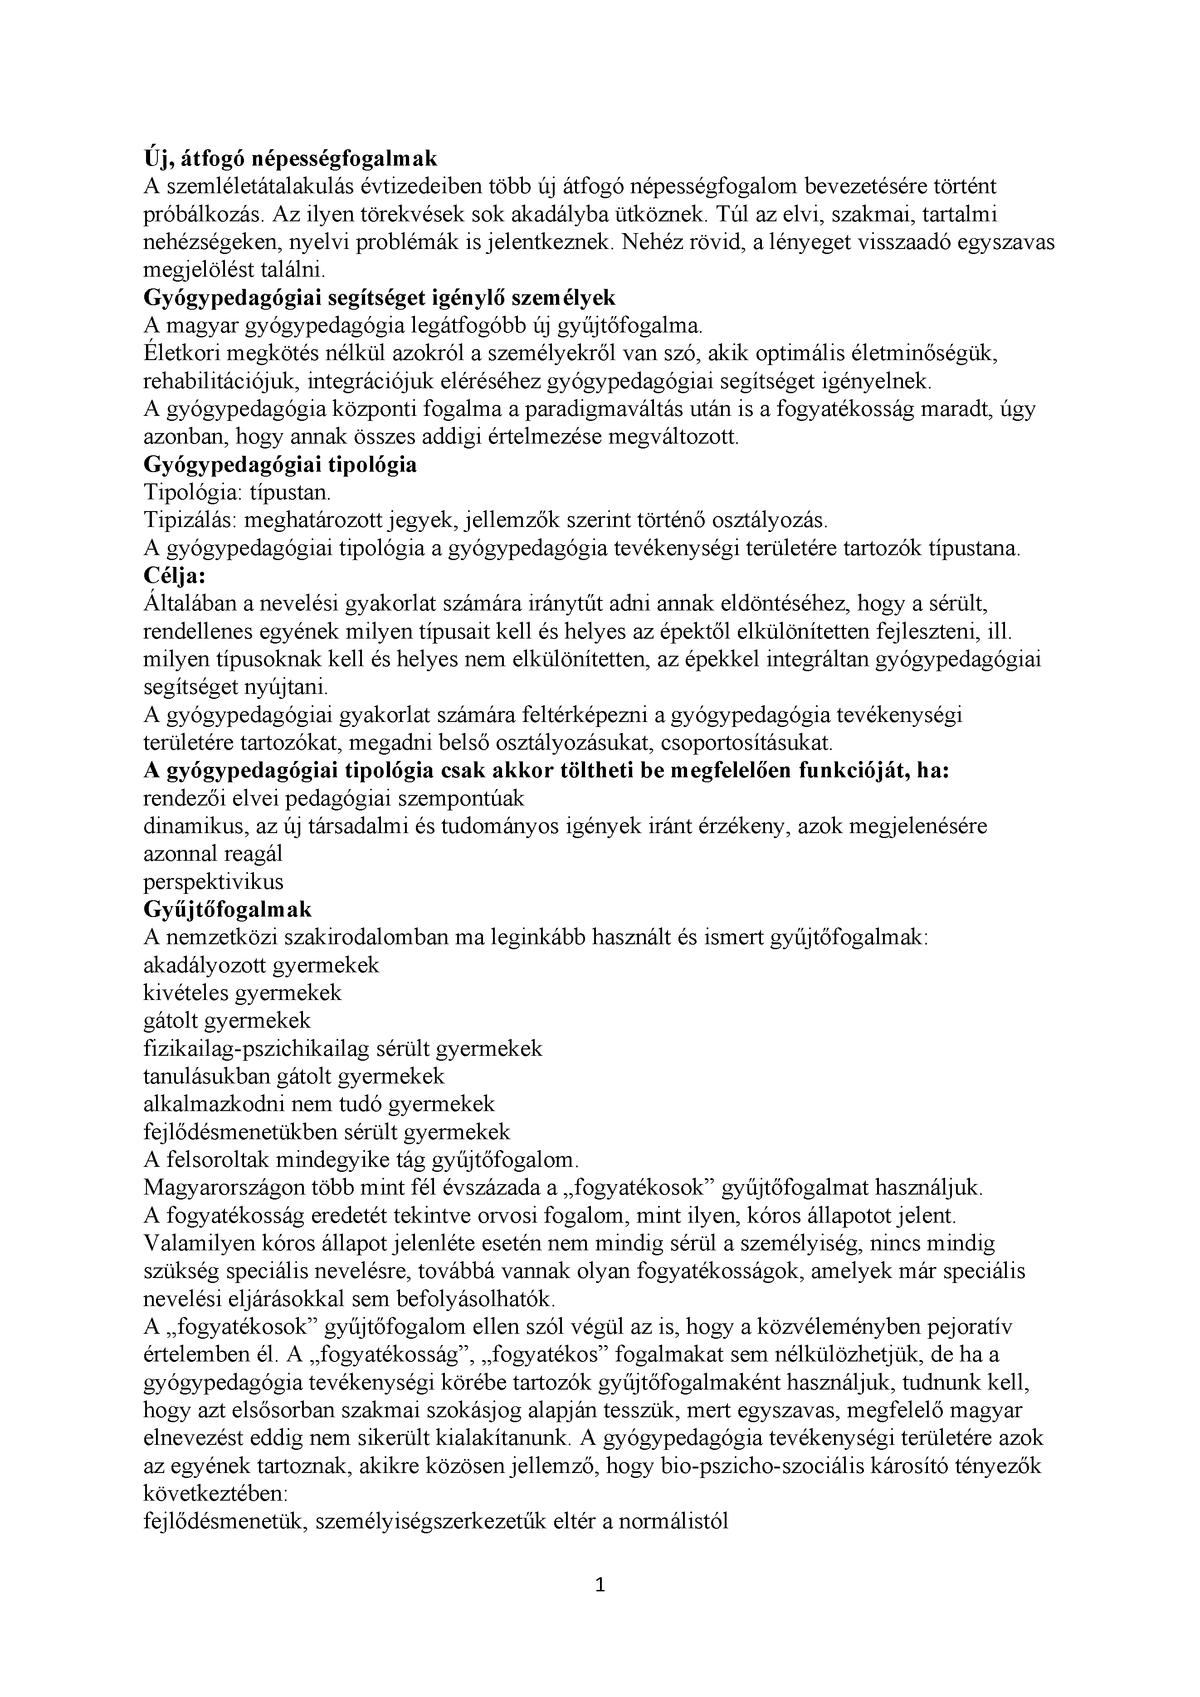 Fogyatékossági típusok   st-andrea.hu